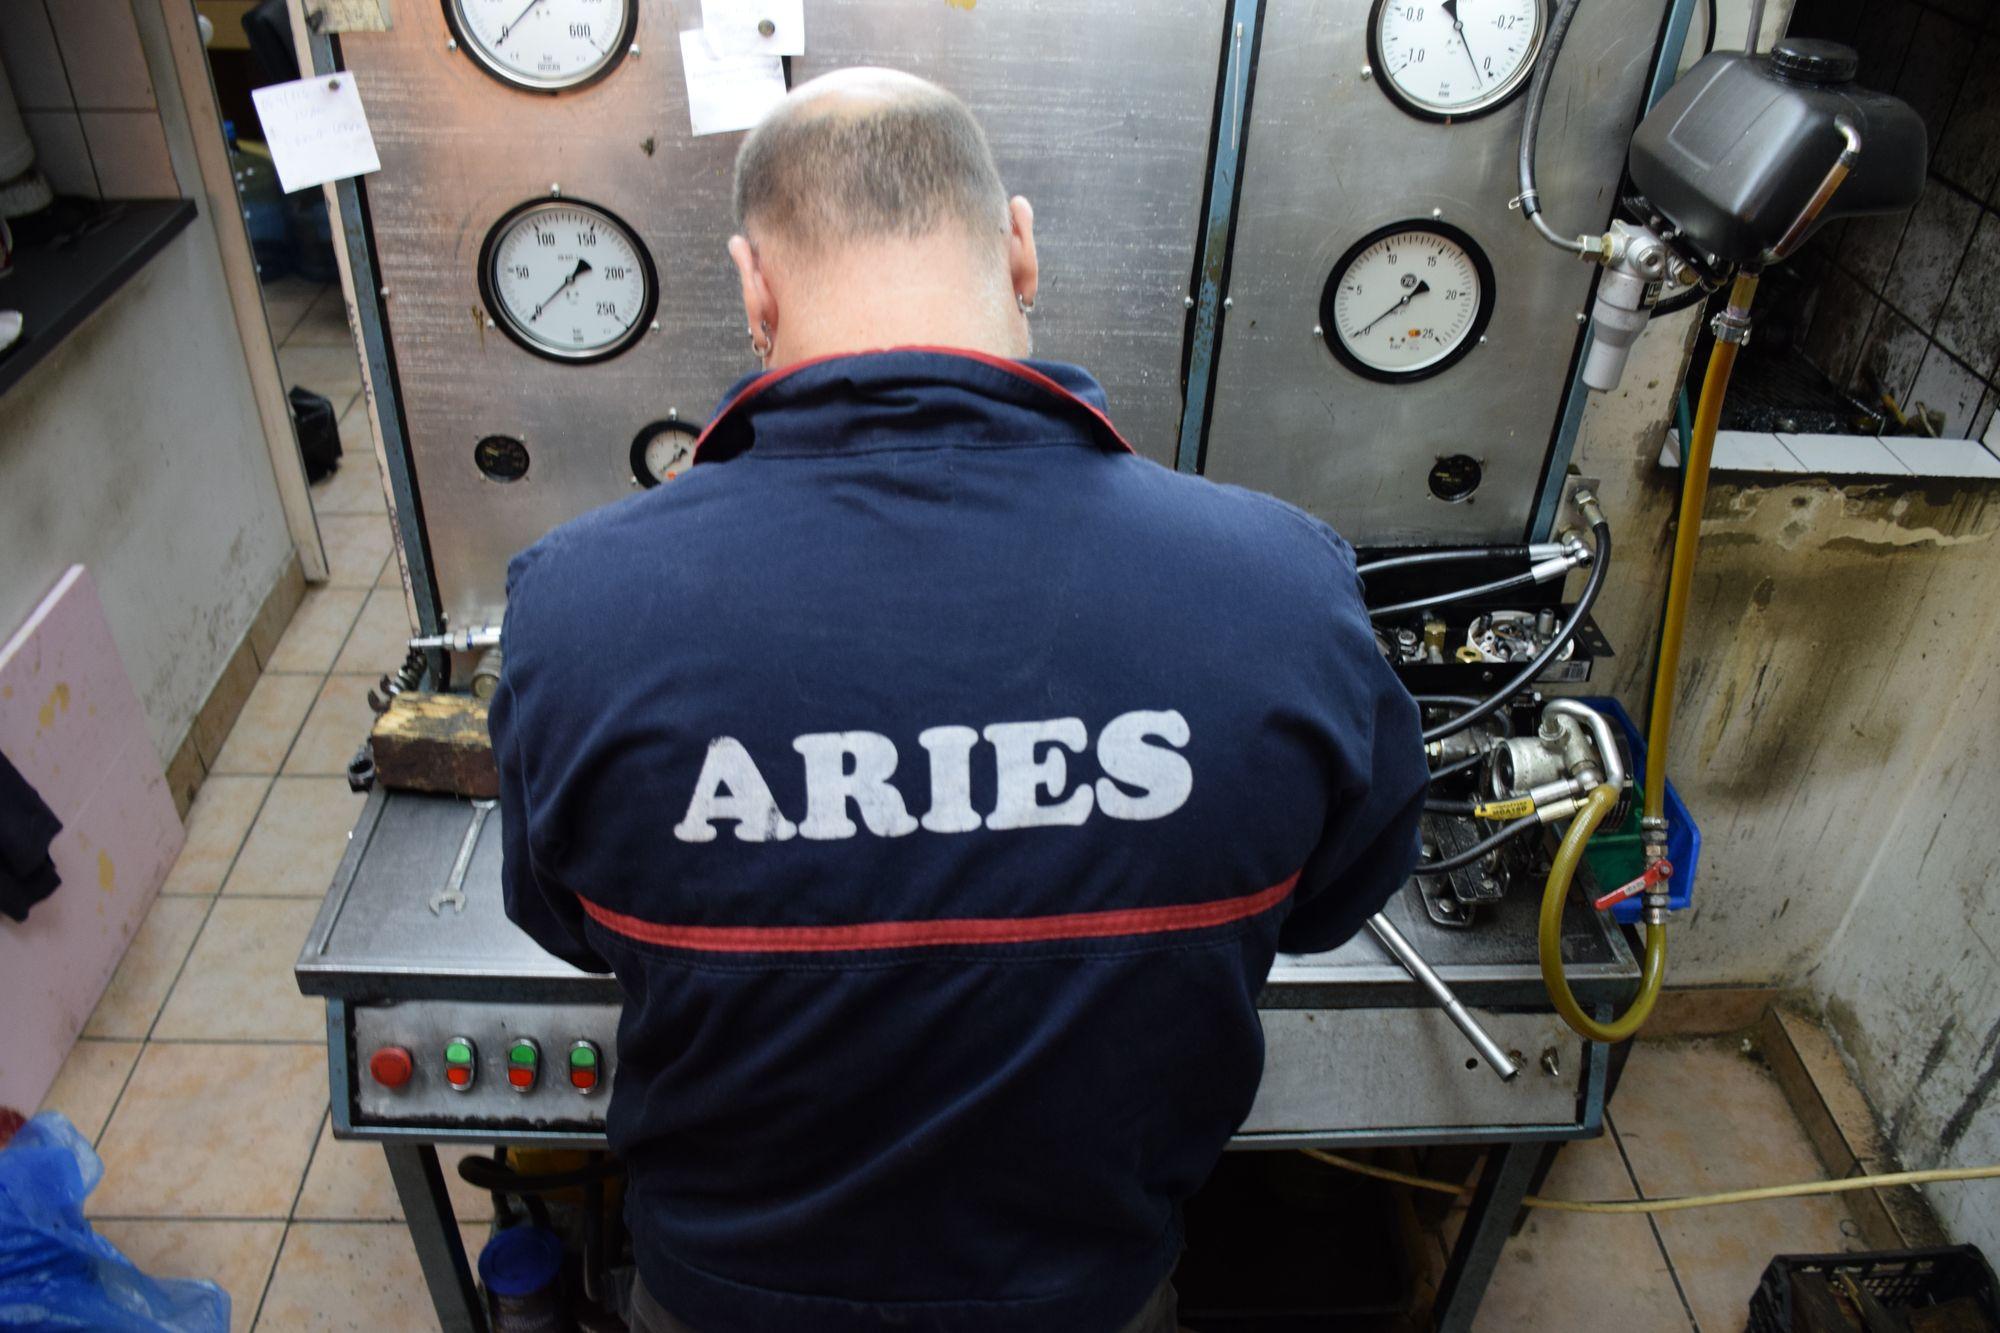 Servis Aries pruza kompletnu uslugu servo remonta